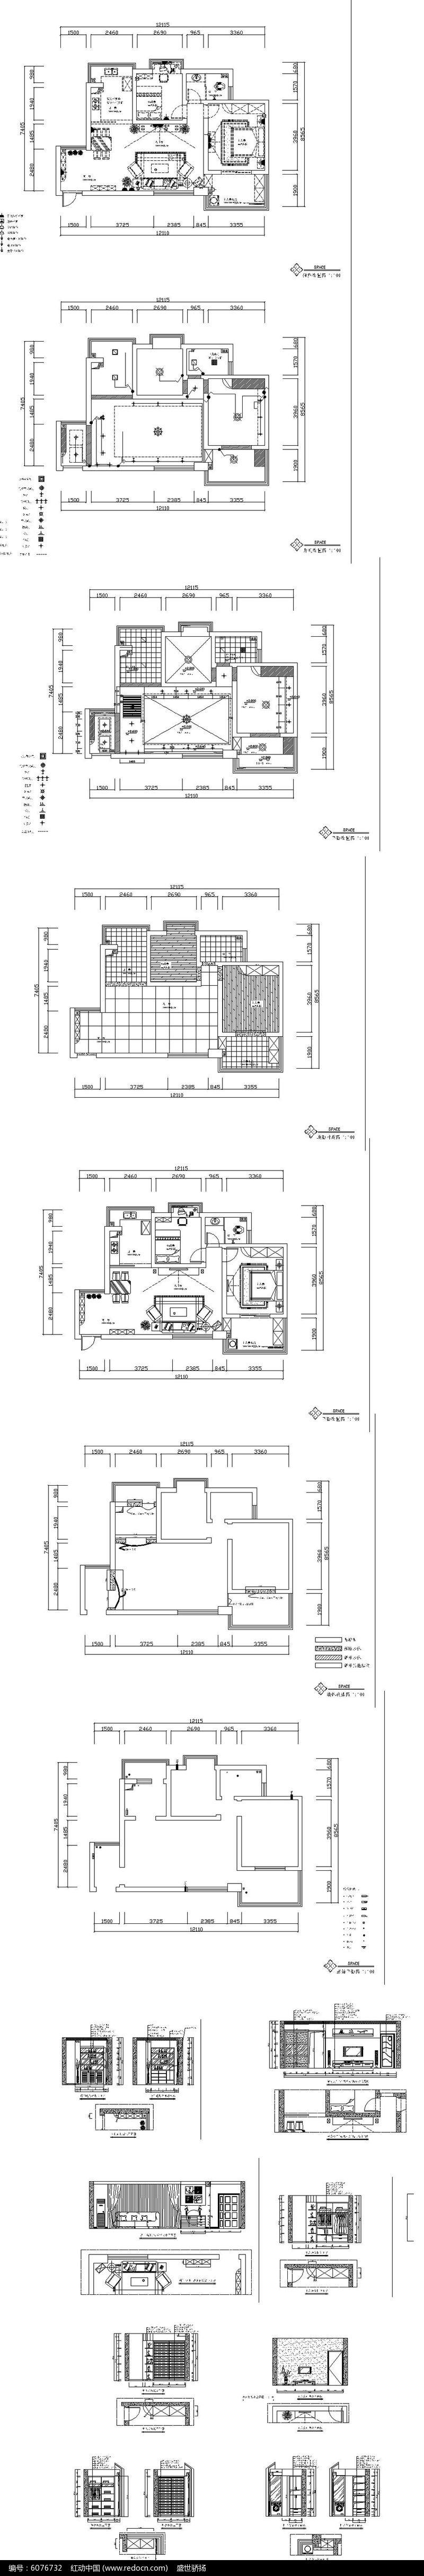 家居户型平面图图片